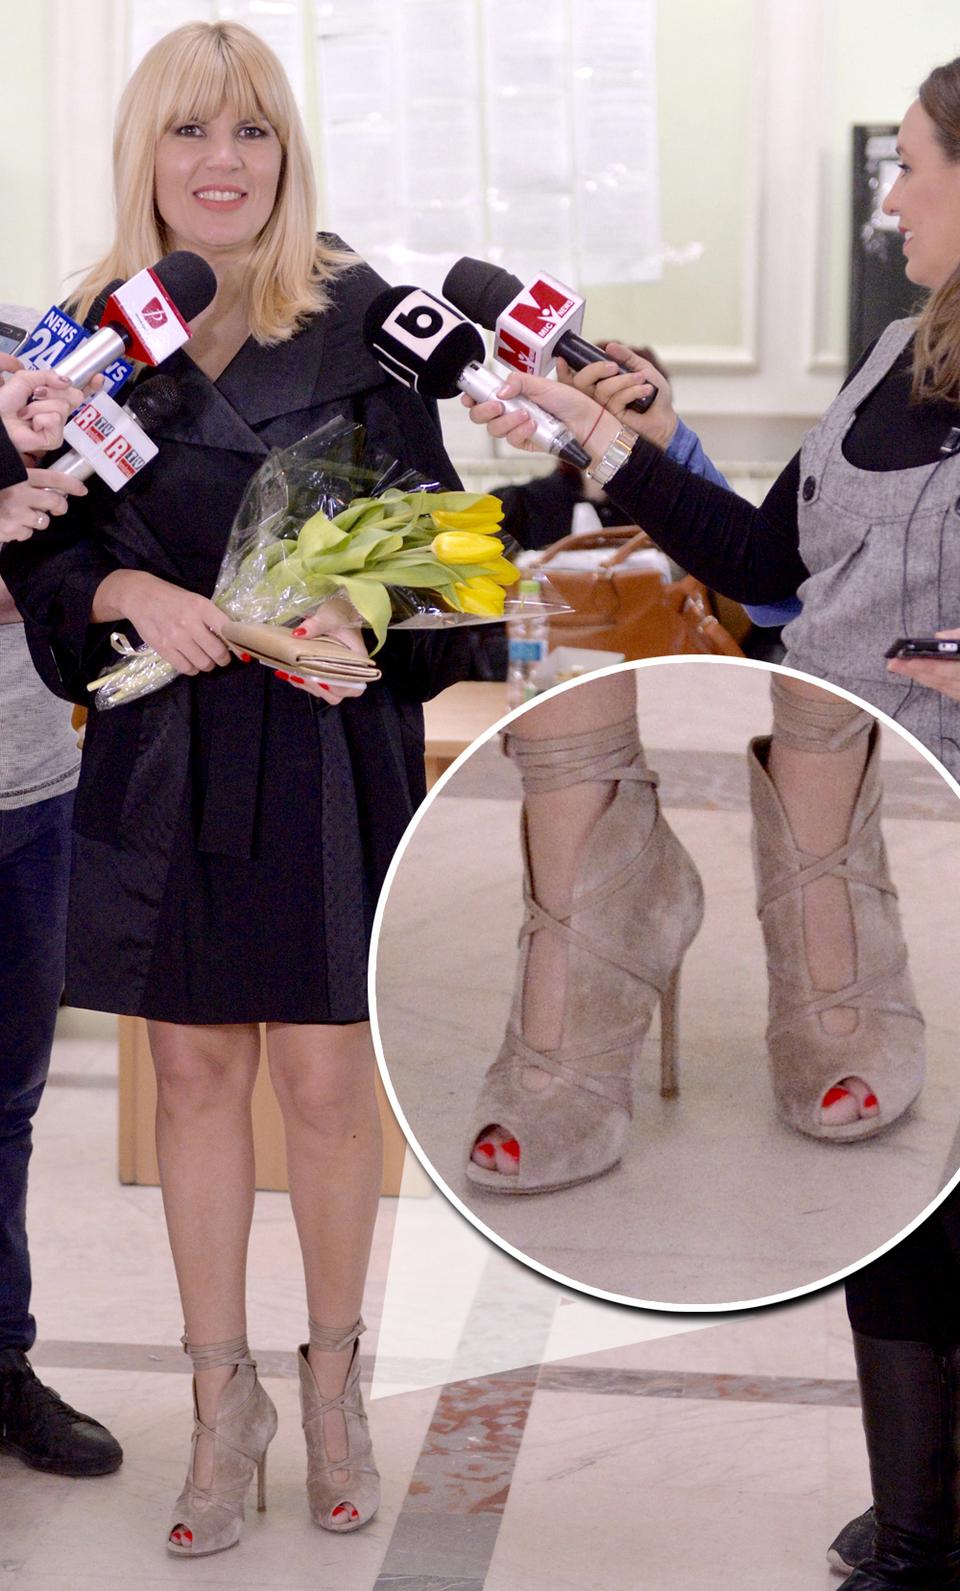 EXCLUSIV! Elena Udrea, in fata judecatorilor cu pantofi noi de peste 800 de euro! I-a purtat prima data fix in ziua in care a cerut anularea cautiunii stabilite de DNA